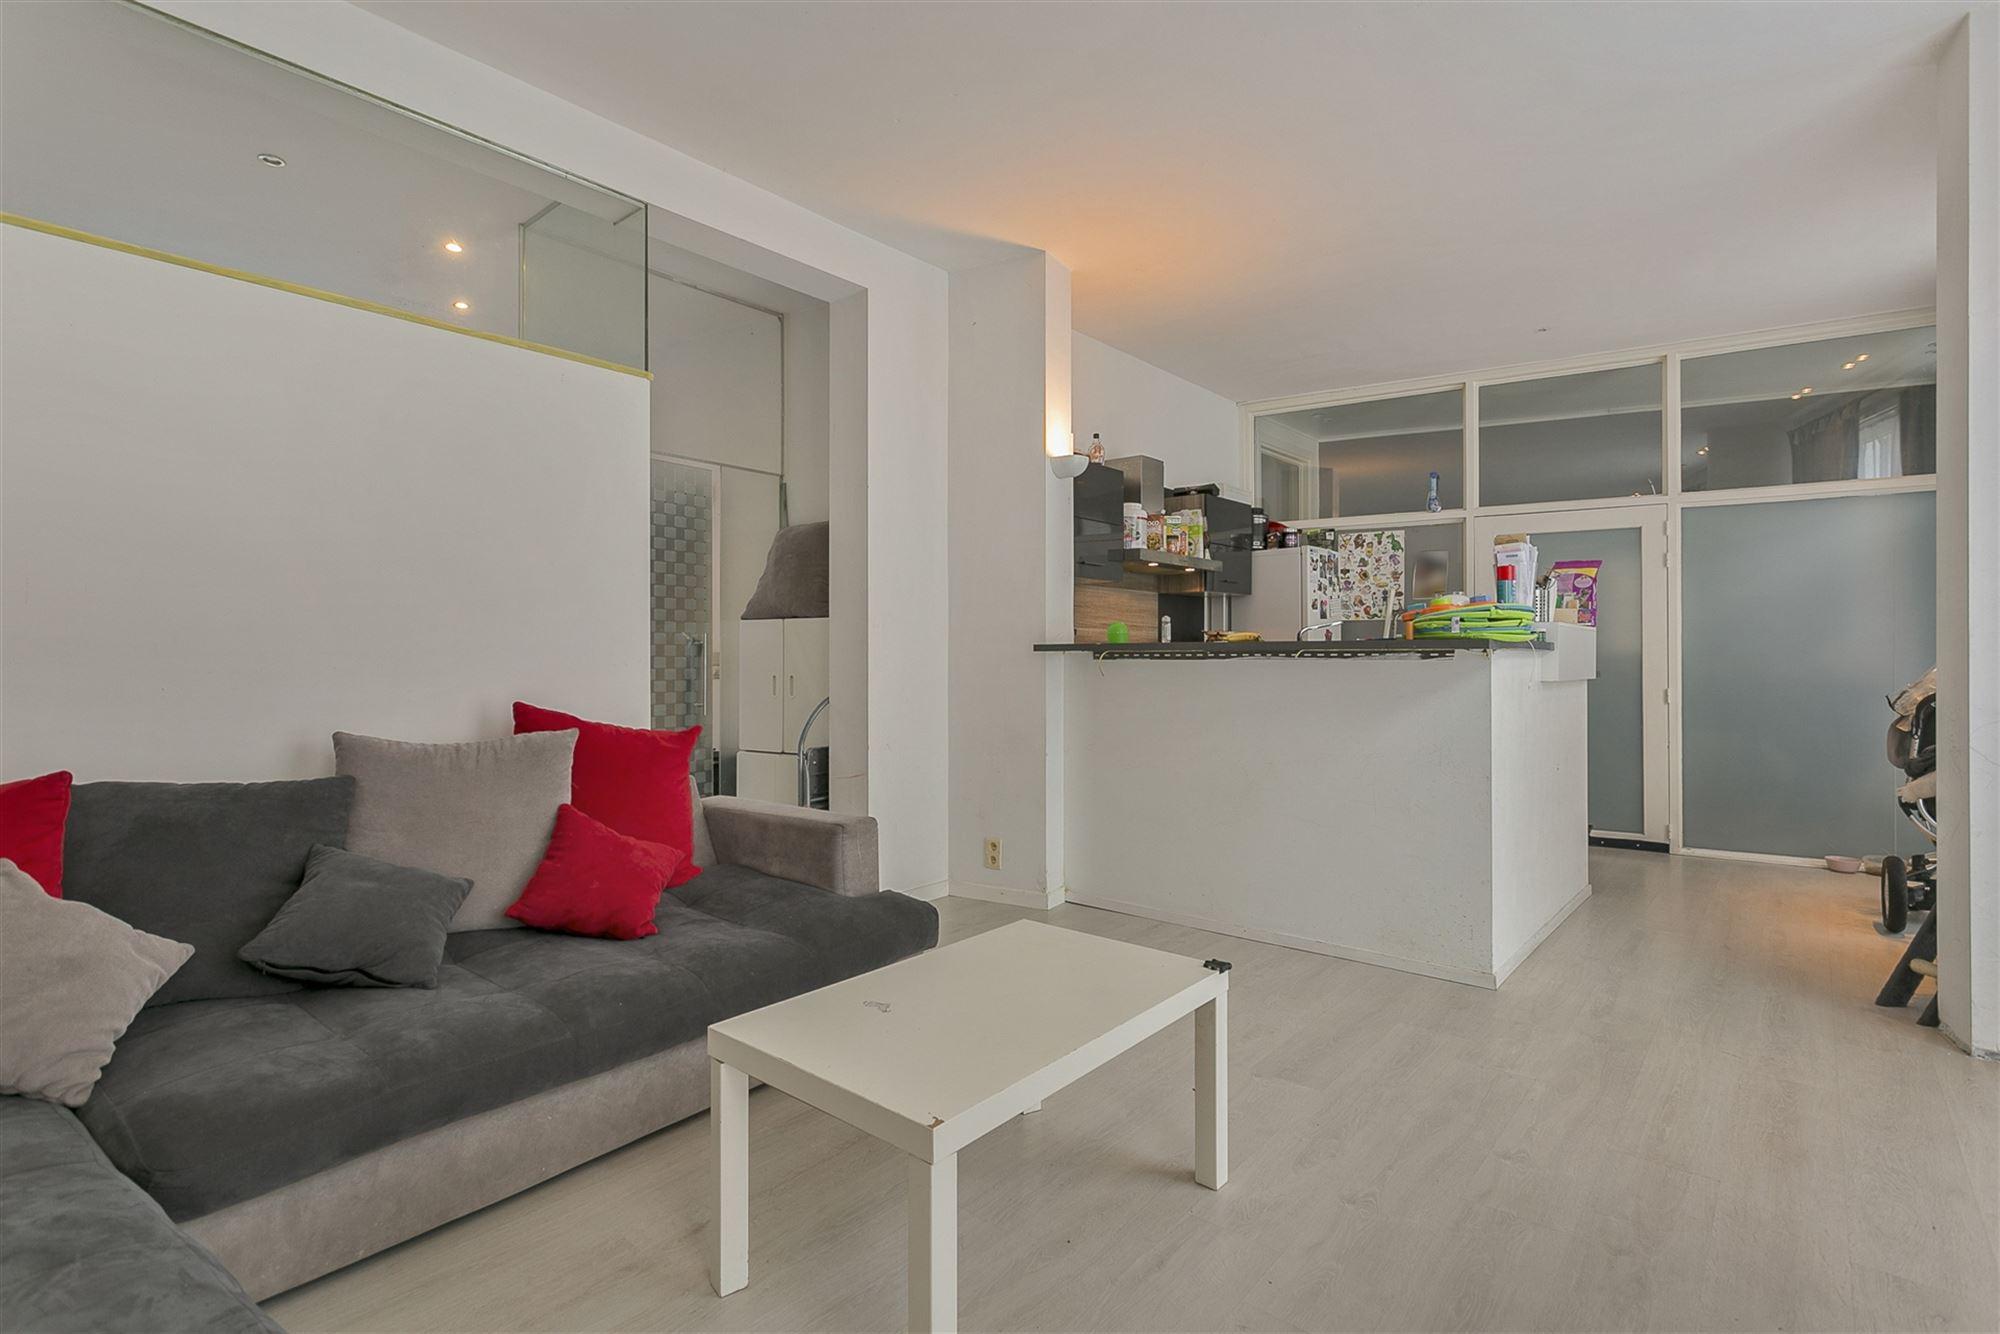 Gelijkvloers appartement te huur met tuintje in centrum Aalst! Gelegen dichtbij Koningin Astridpark, op 10 minuten wandelen van het station Aalst en o...